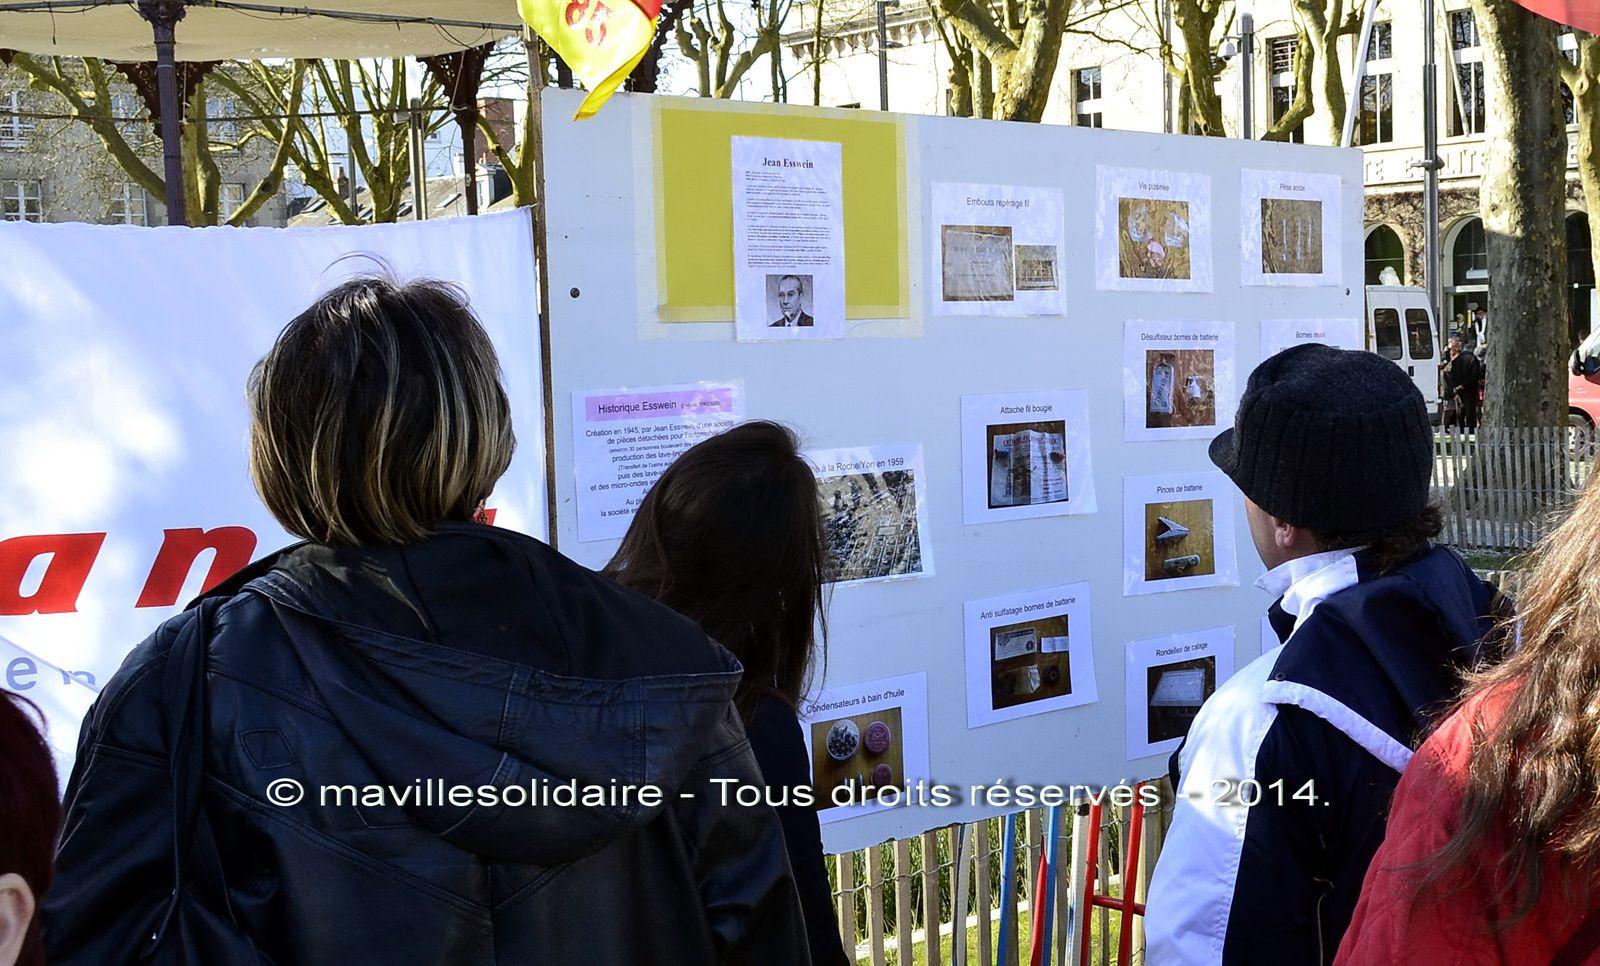 La Roche-sur-Yon. Les salariés de Fagor Brant exposent leurs savoir-faire.